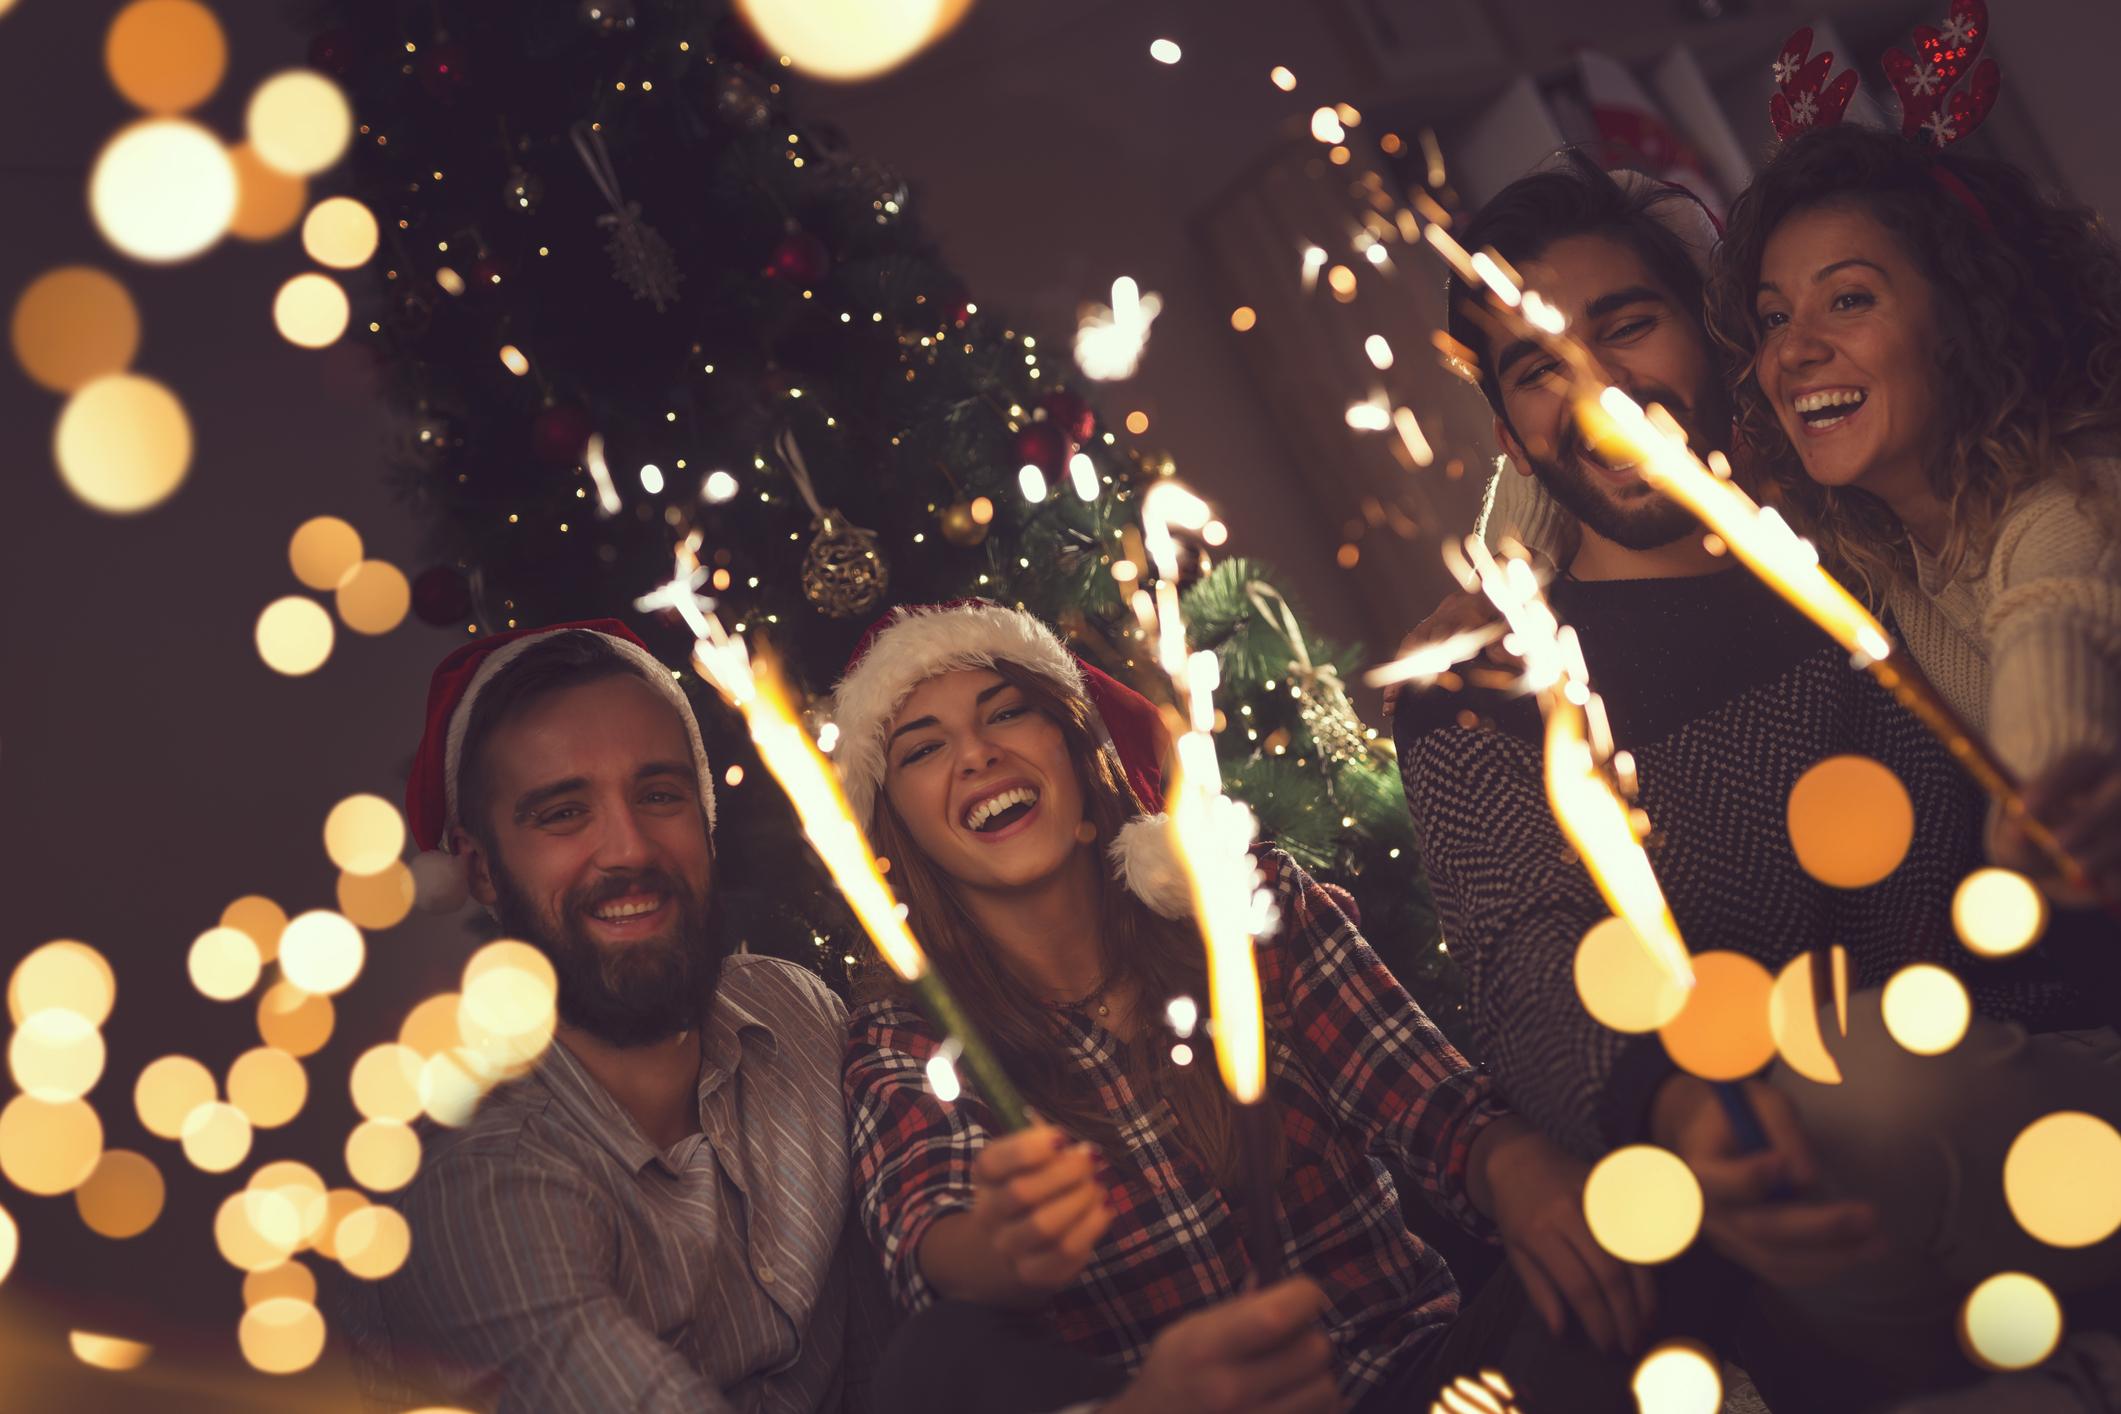 2. Решете с кого искате да изпратите 2018 и посрещнете 2019 година. Важно е да знаете колко голяма ще бъде компанията, с която ще сте – дали ще споделите романтична новогодишна почивка с половинката си или пък ще си организирате шумен уикенд с приятели.